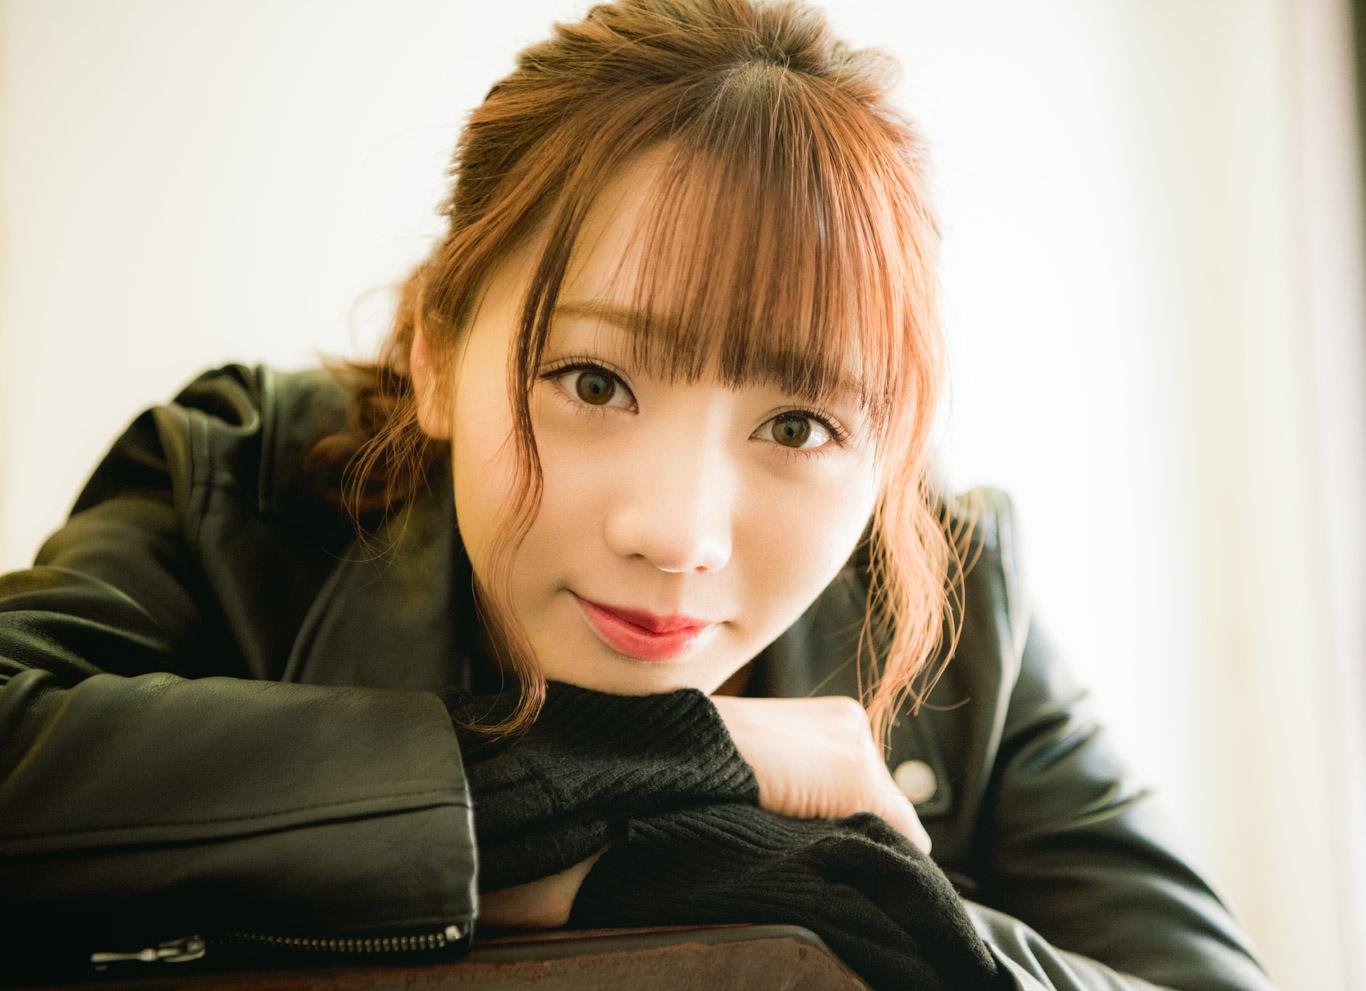 乃木坂46・能條愛未、アイドルの私を封印!「役者としての姿を見てほしい」